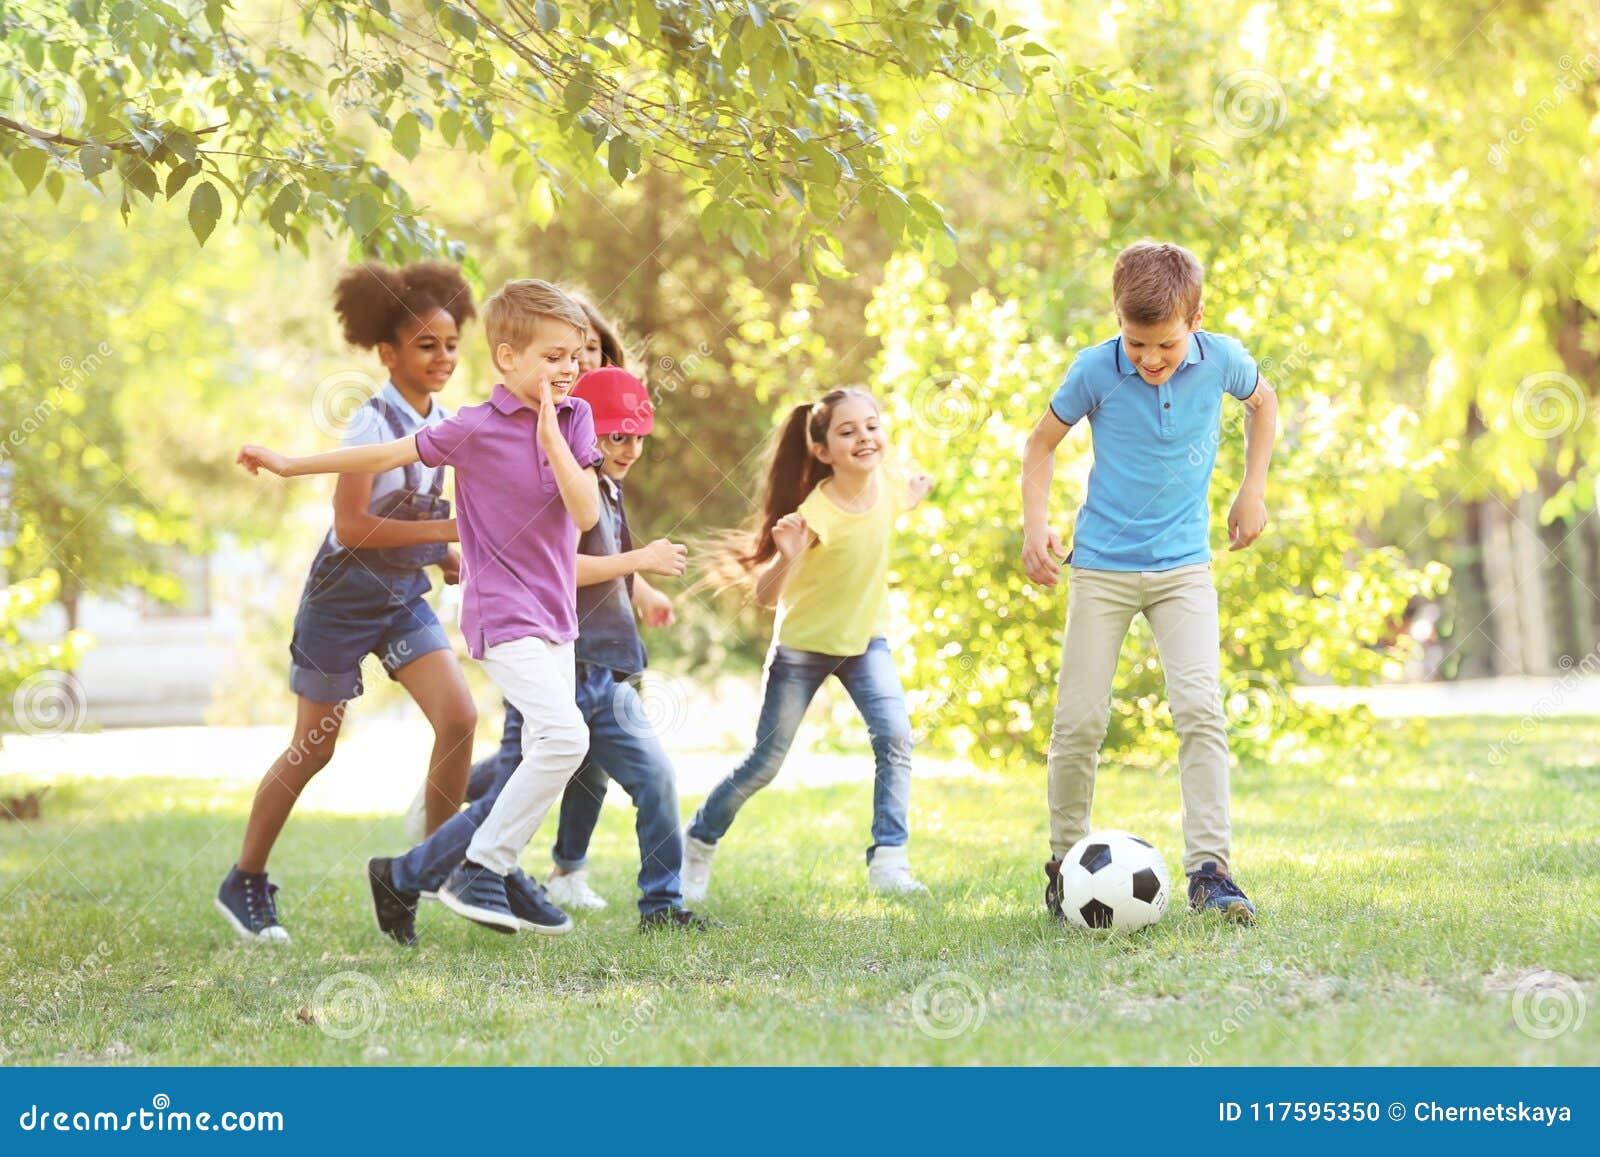 Nette kleine Kinder, die draußen mit Ball spielen